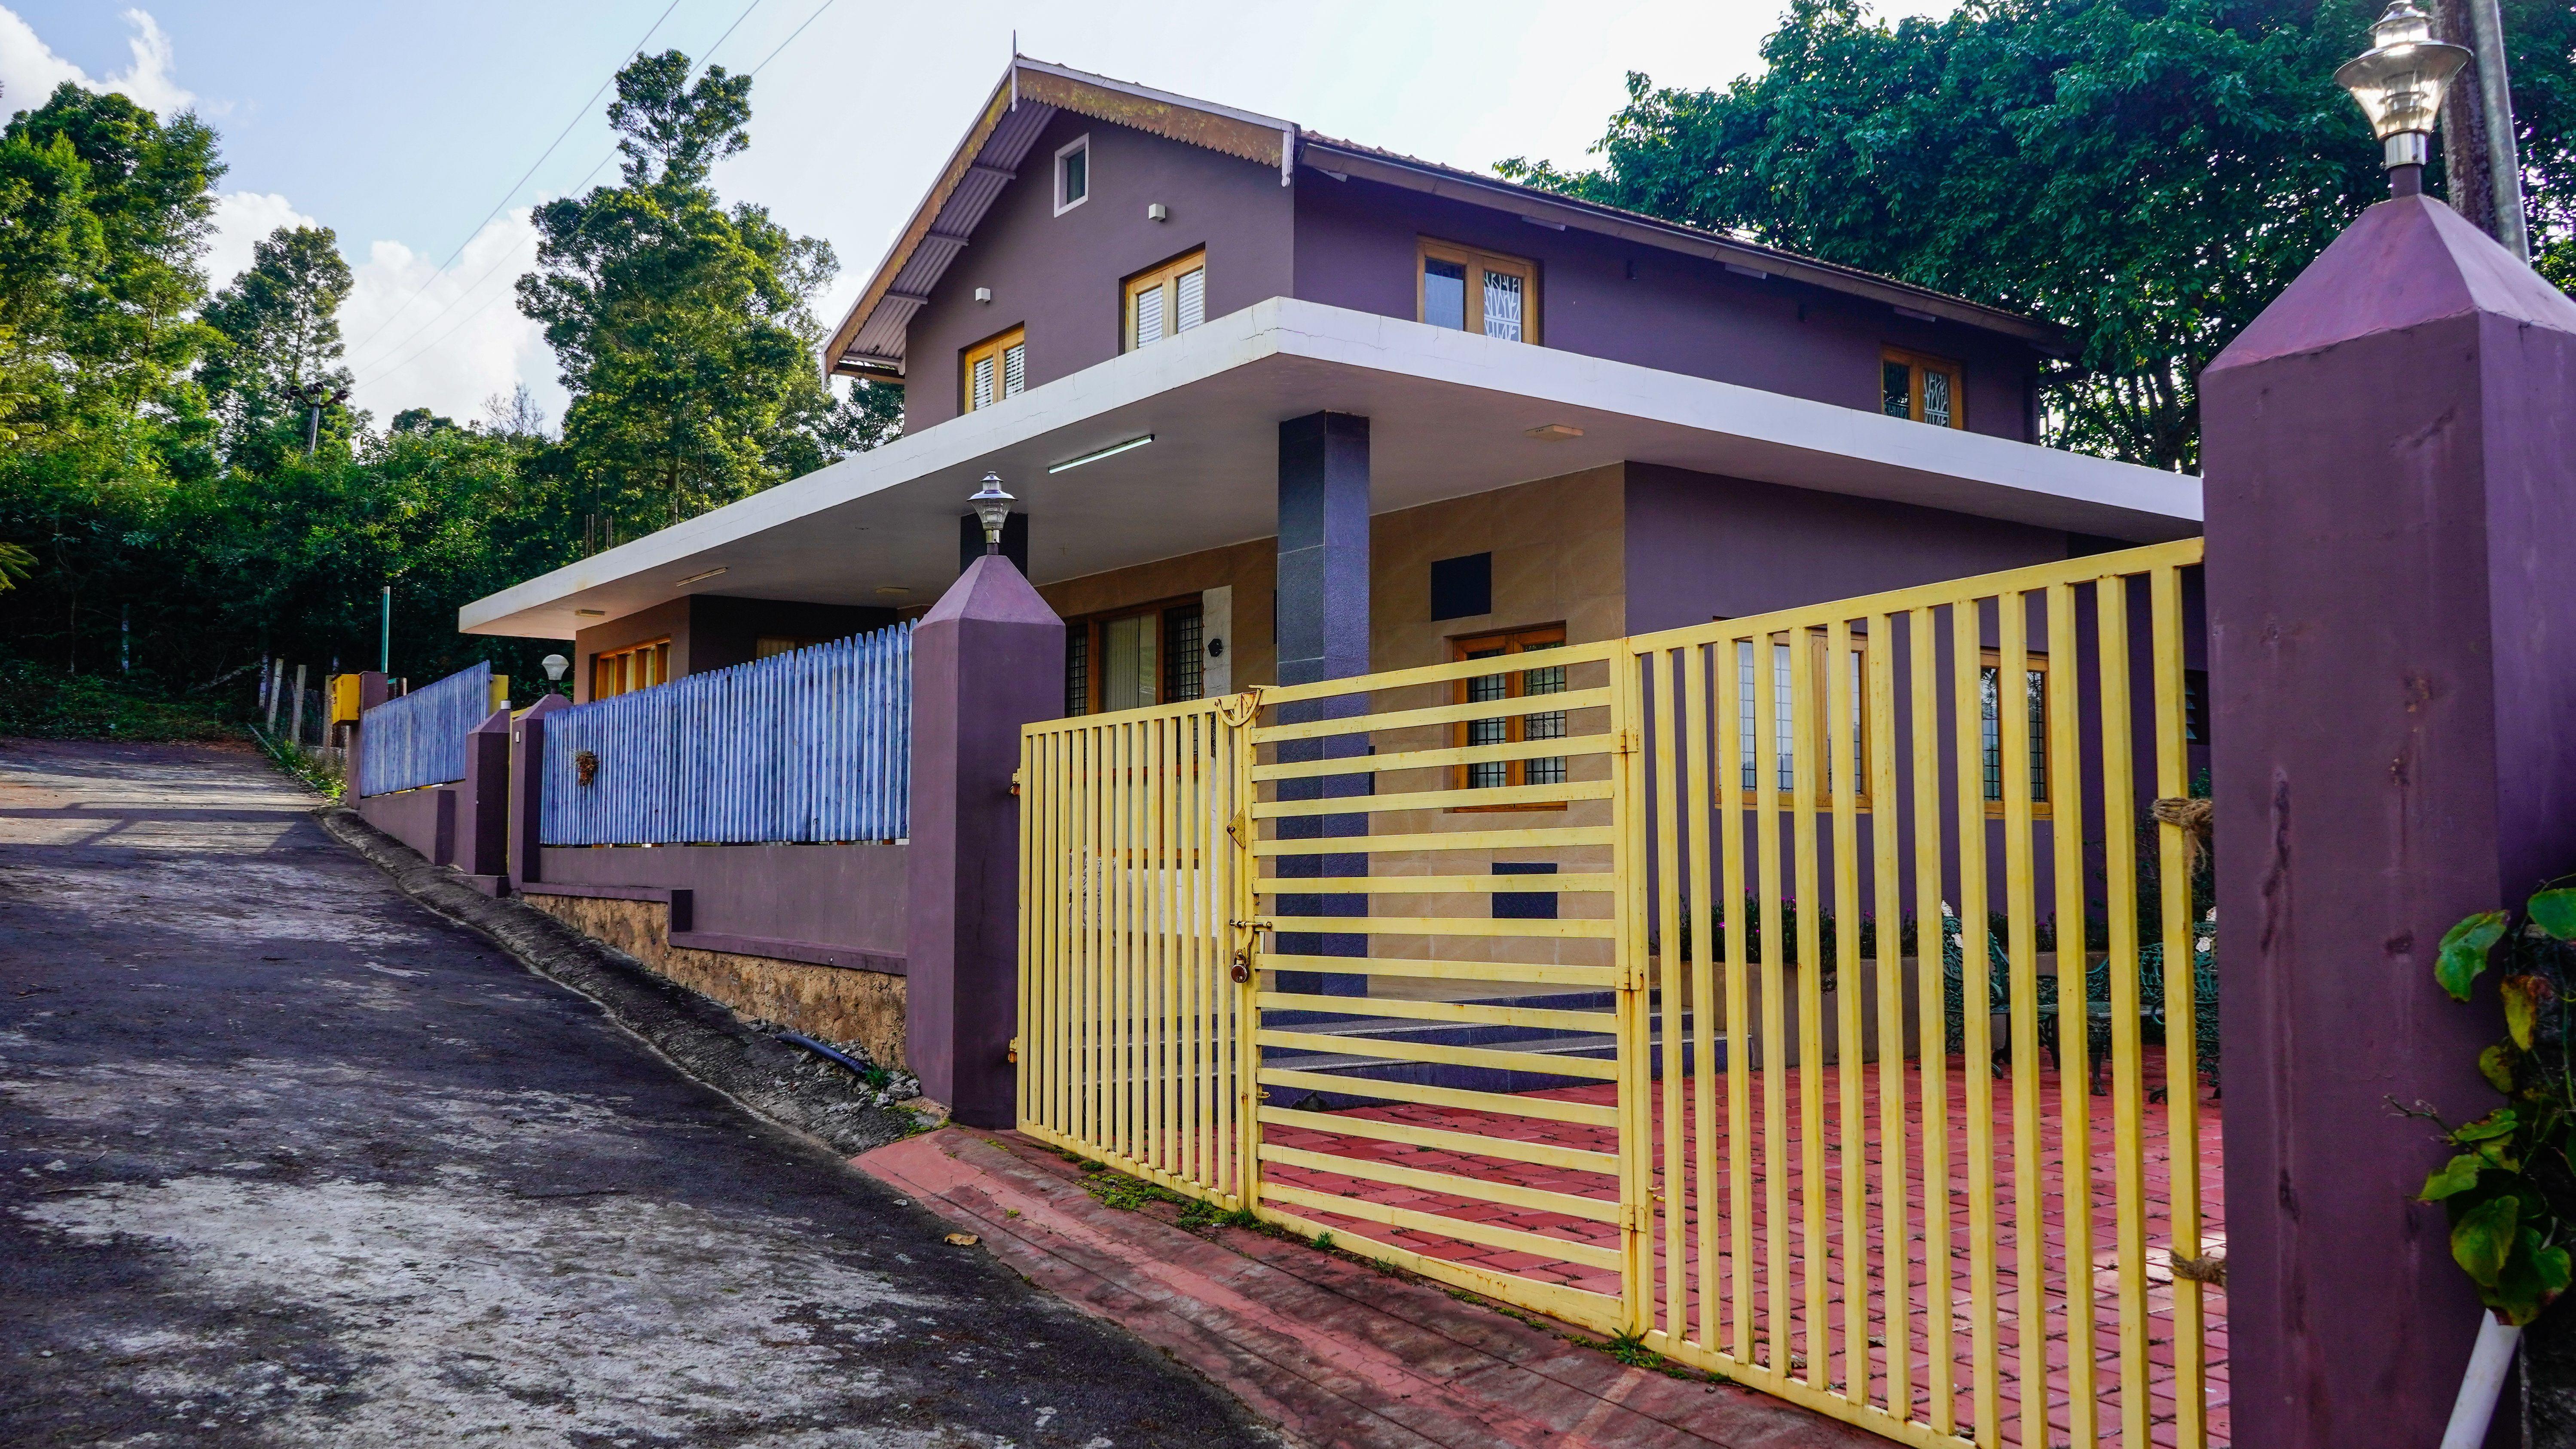 Jade Greens - 2 BHK home in Coonoor | Kotagiri Kattabettu